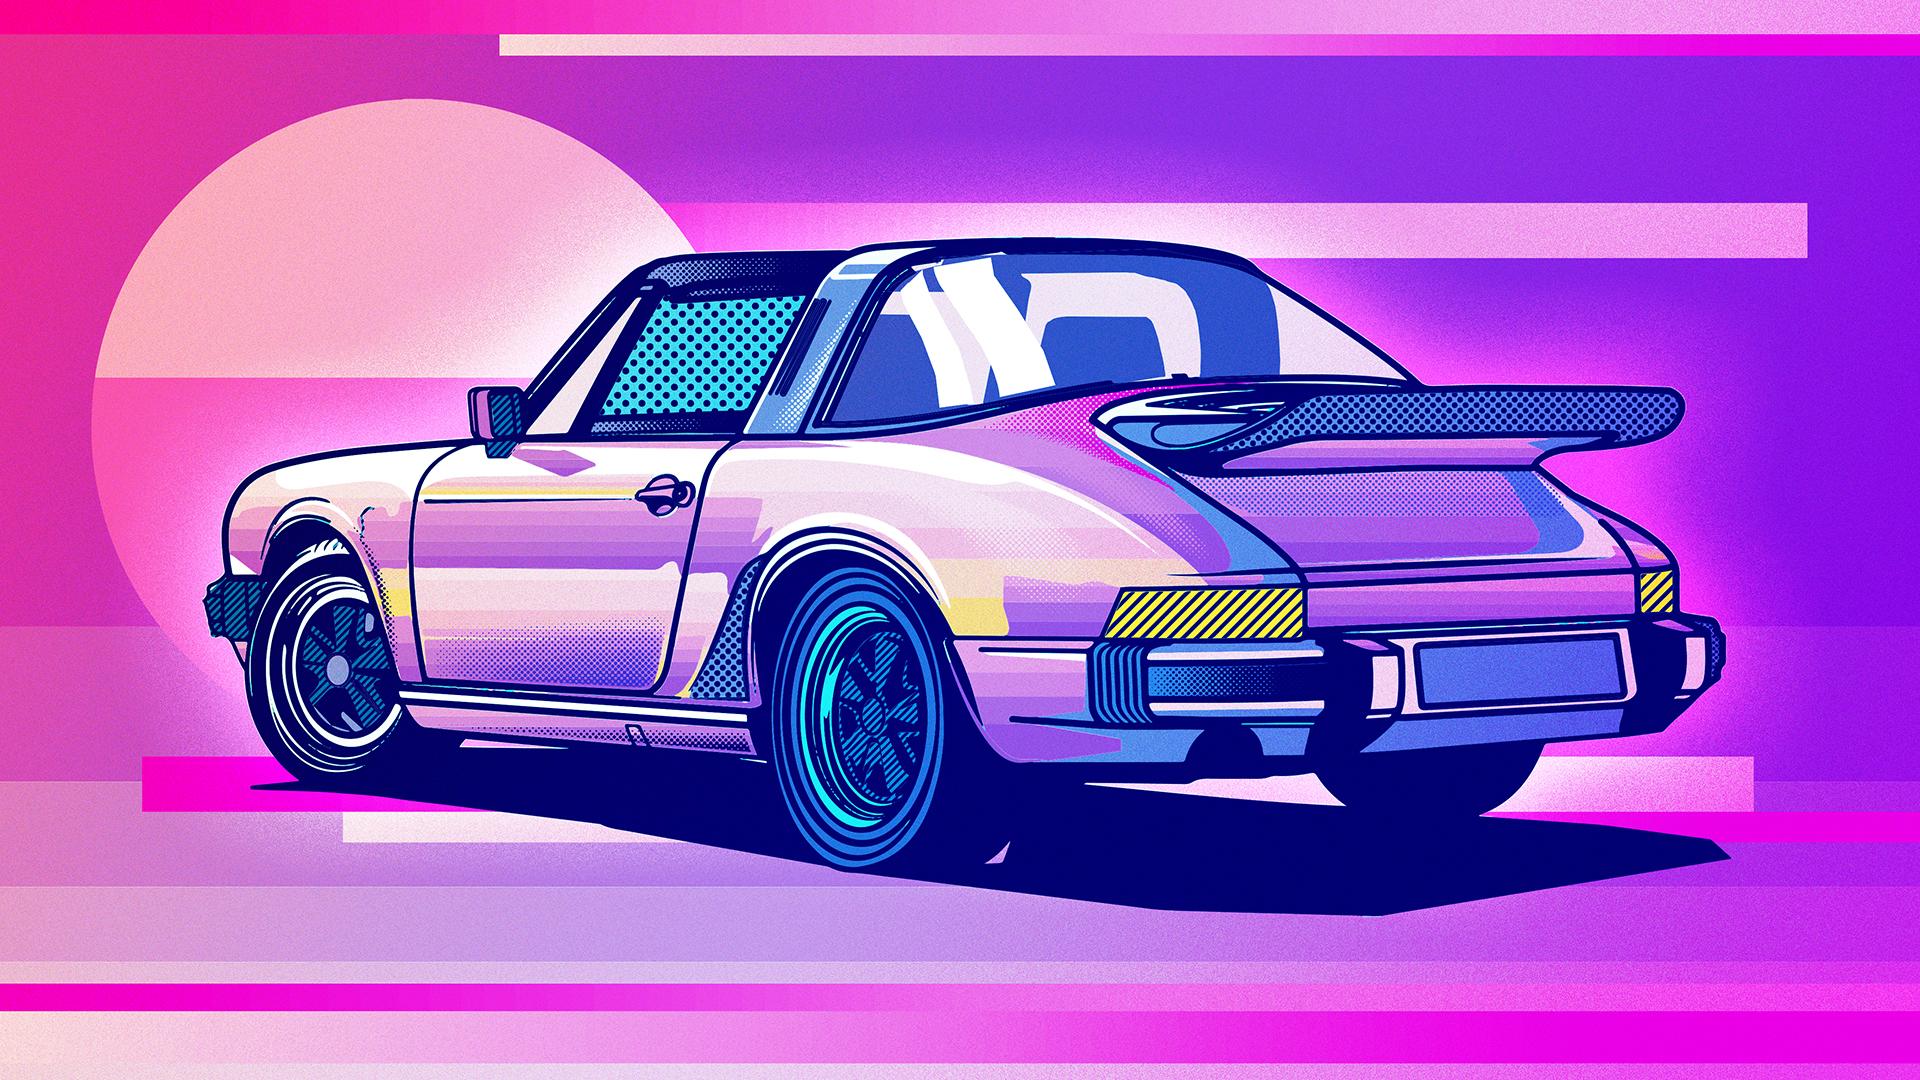 Porsche_wallpaper.jpg